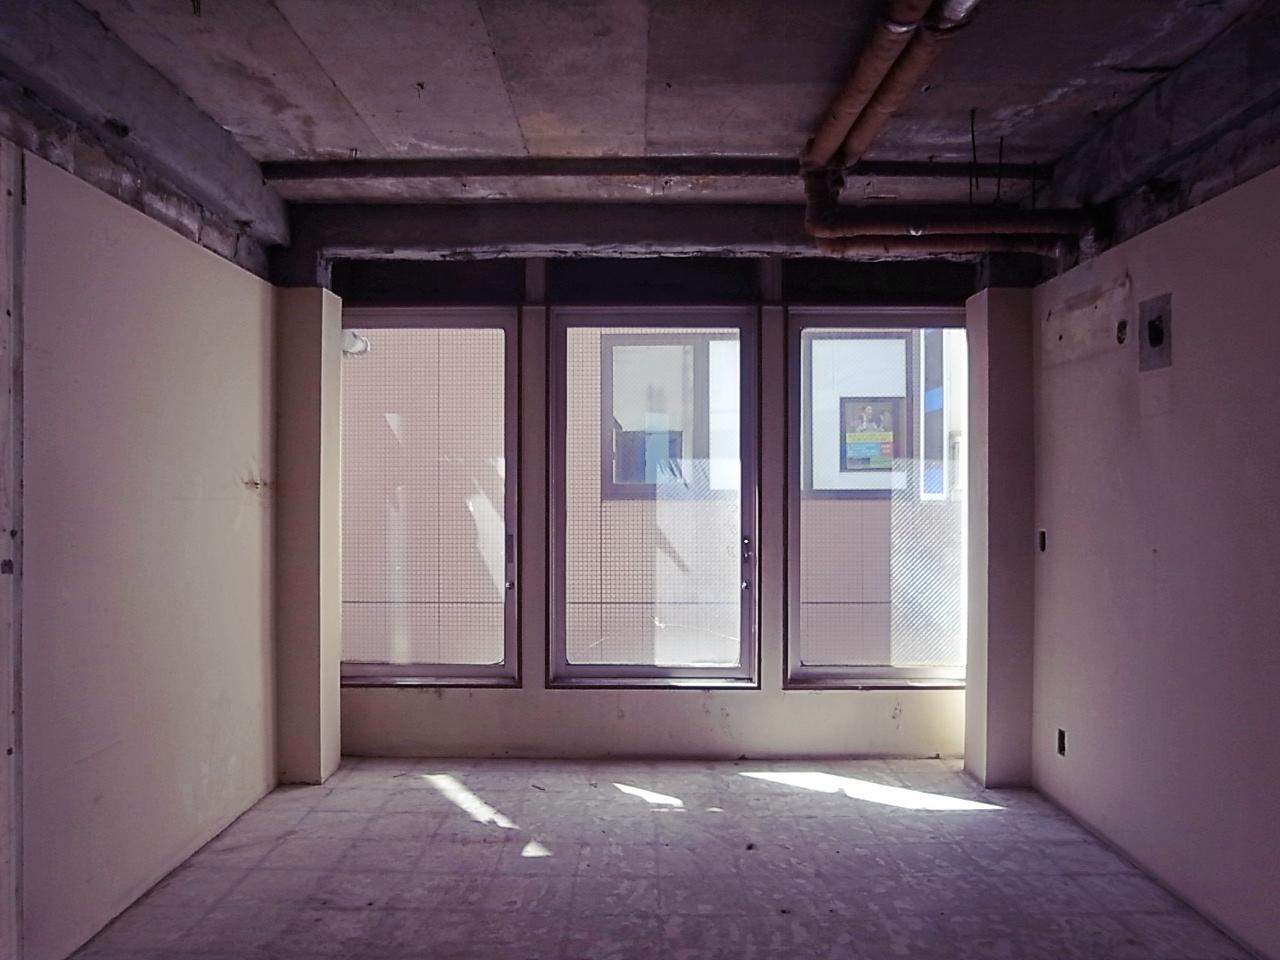 2F。大窓はフィックス。人の流れが良く見える。